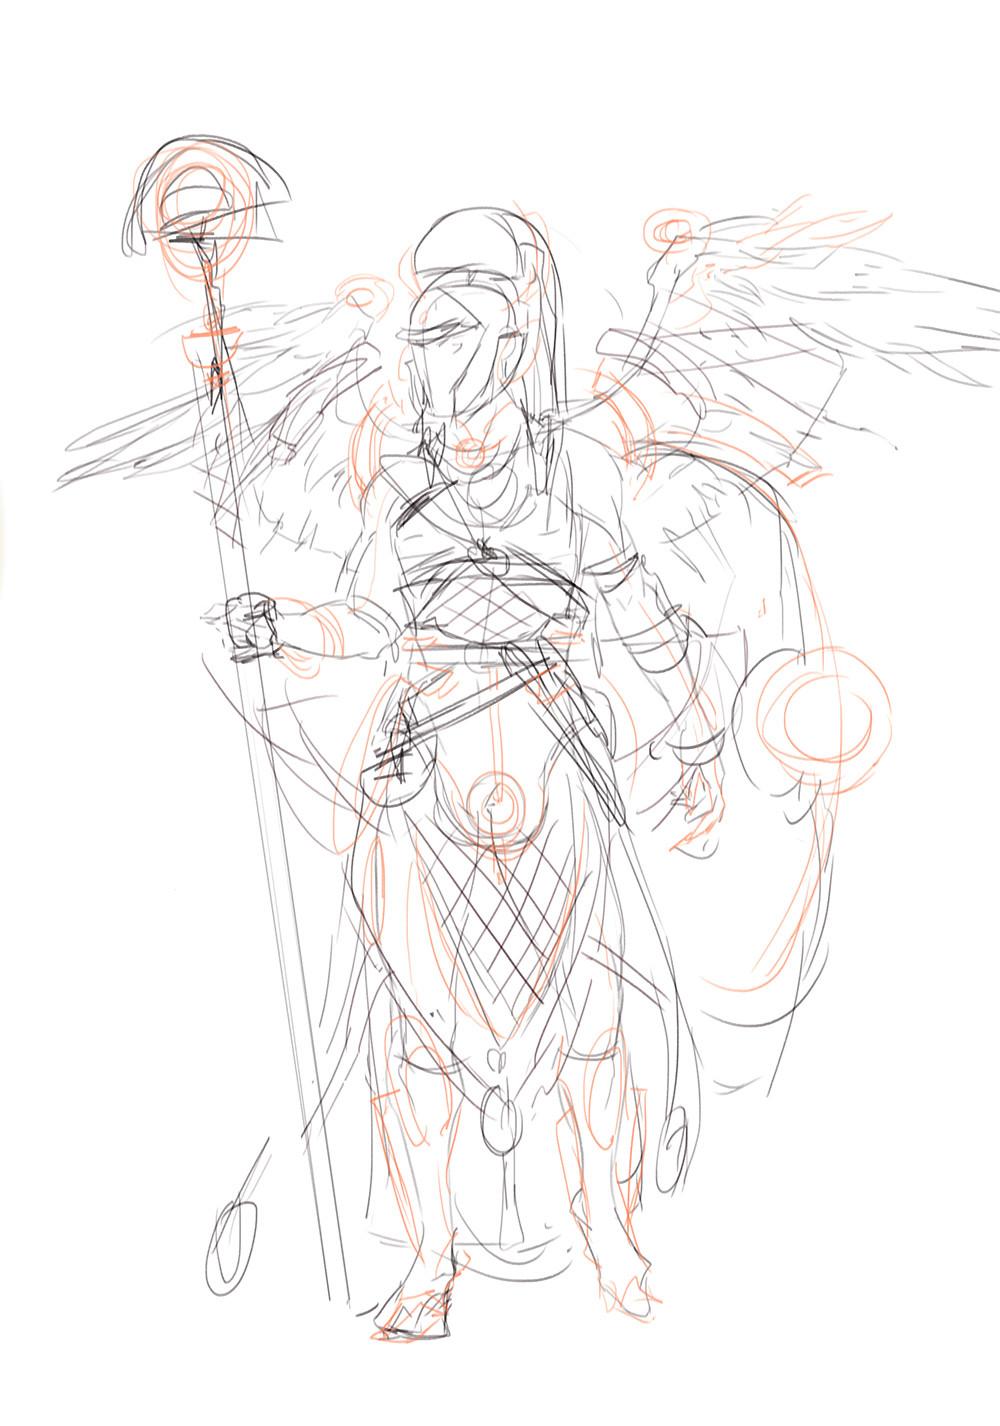 Magdalena radziej sketch